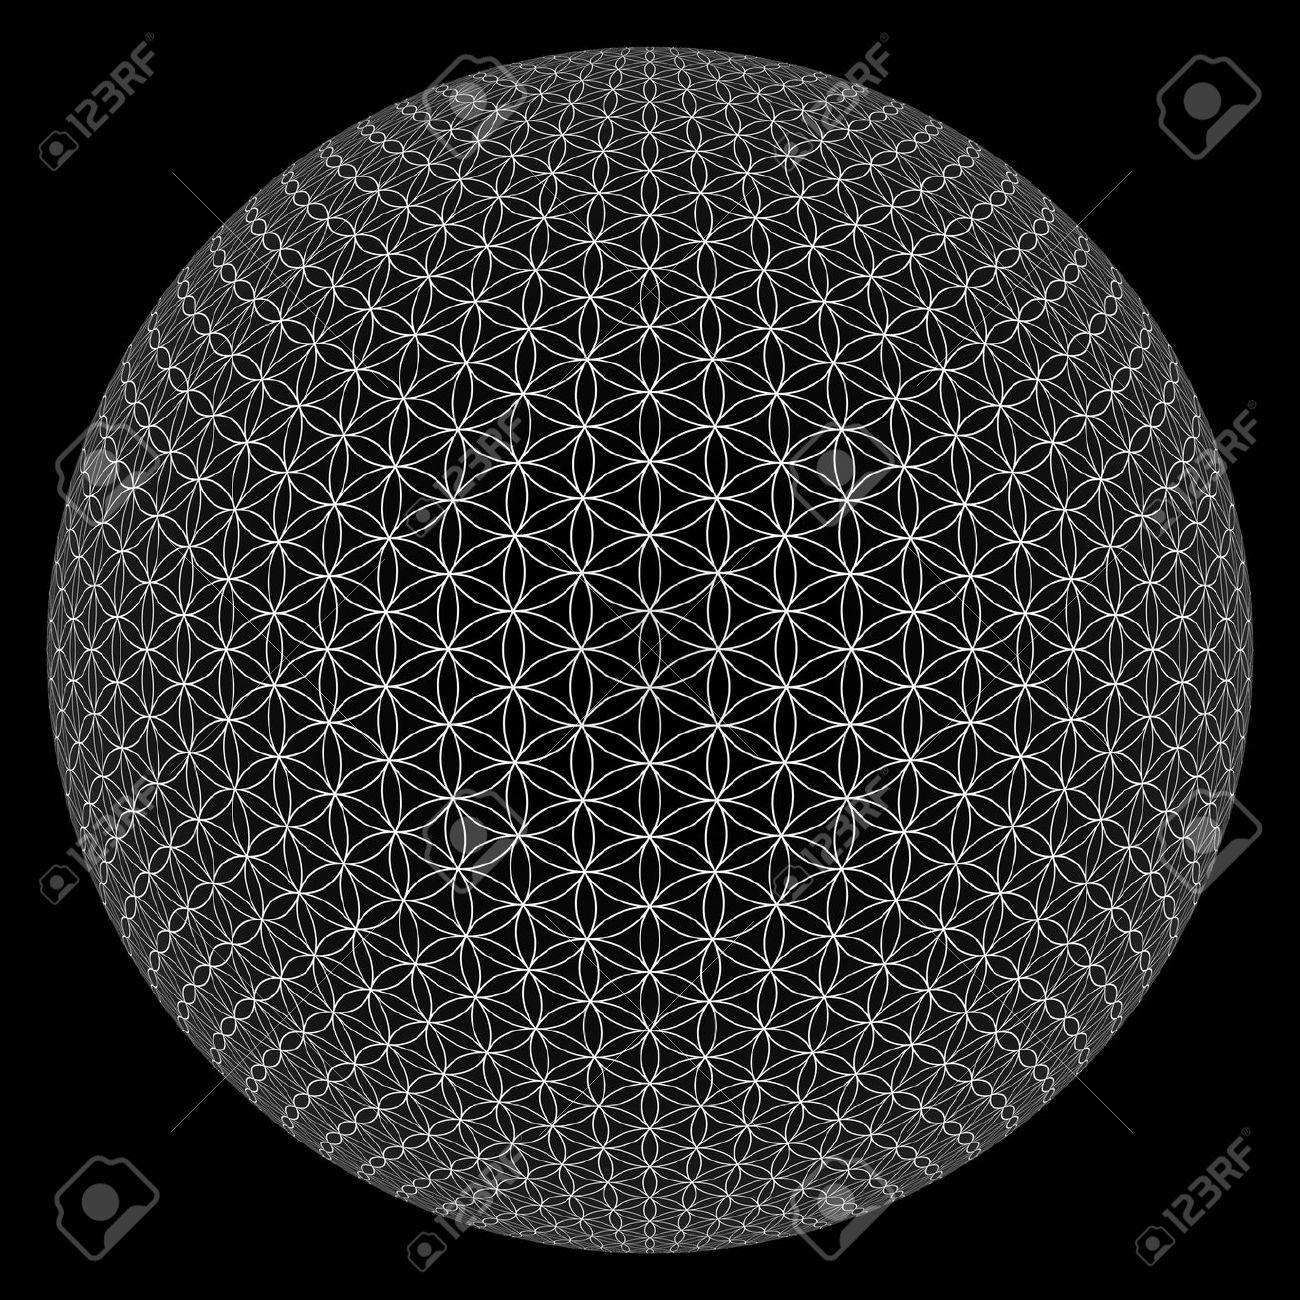 Flower Of Life 3d Google Search Energie De L Univers En 2019